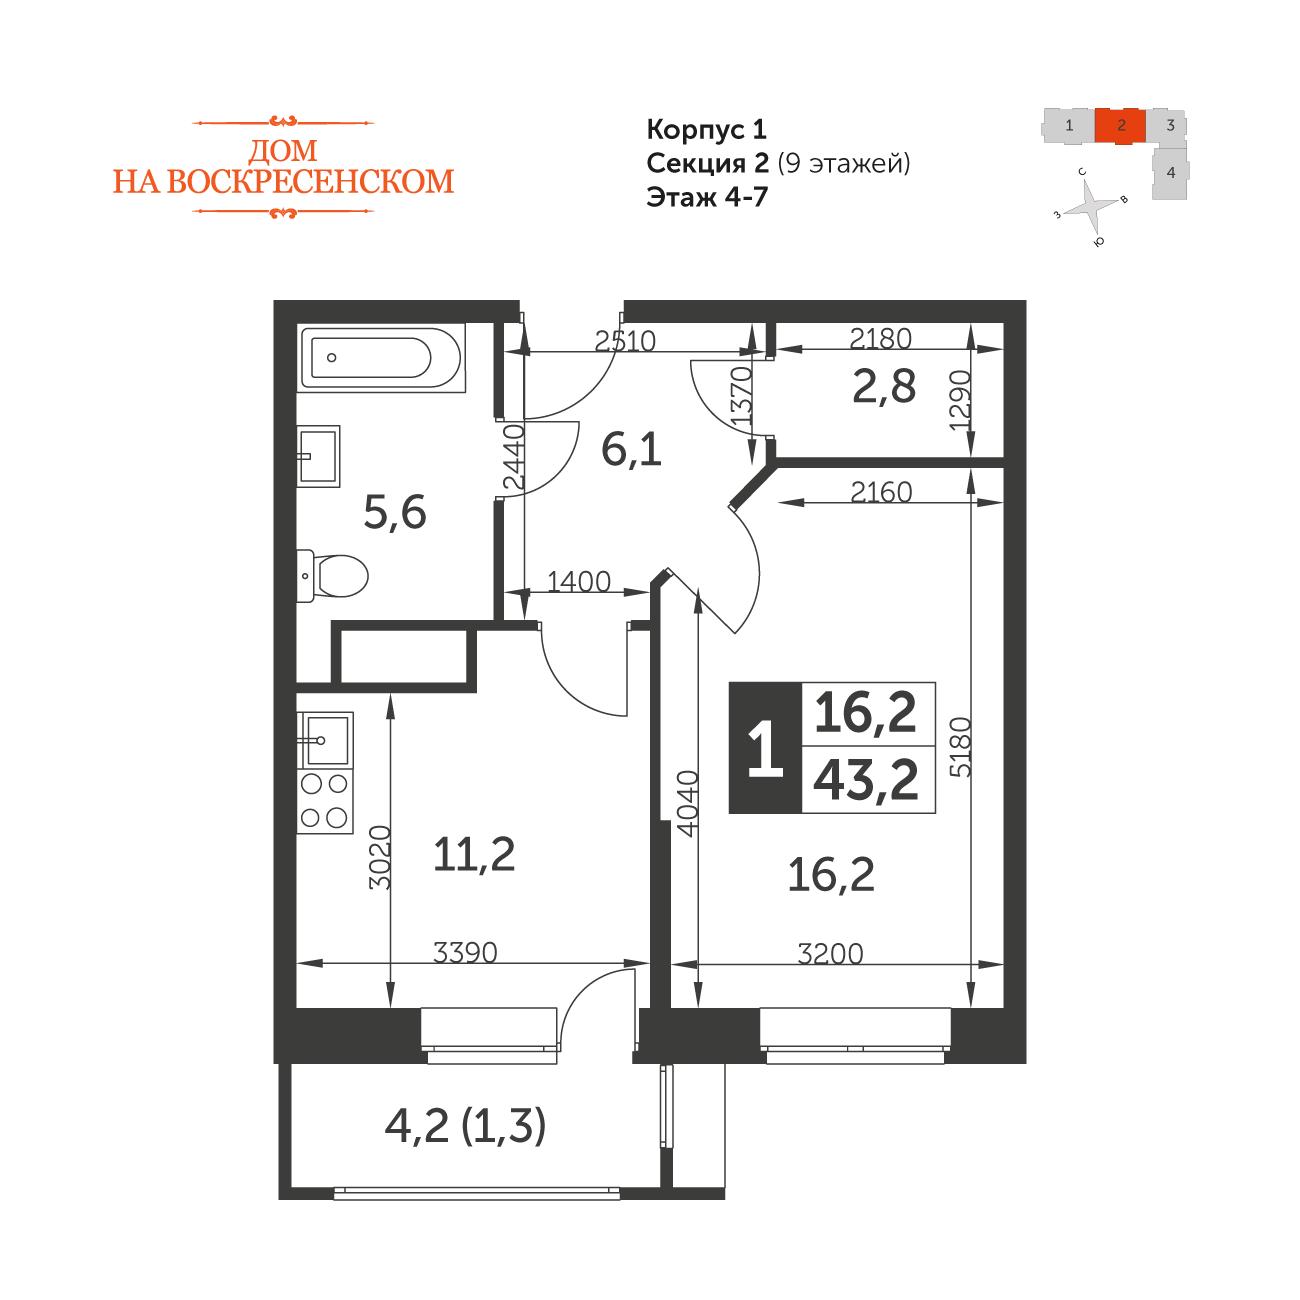 1-комнатная квартира, 43.2м² за 3,2 млн руб.